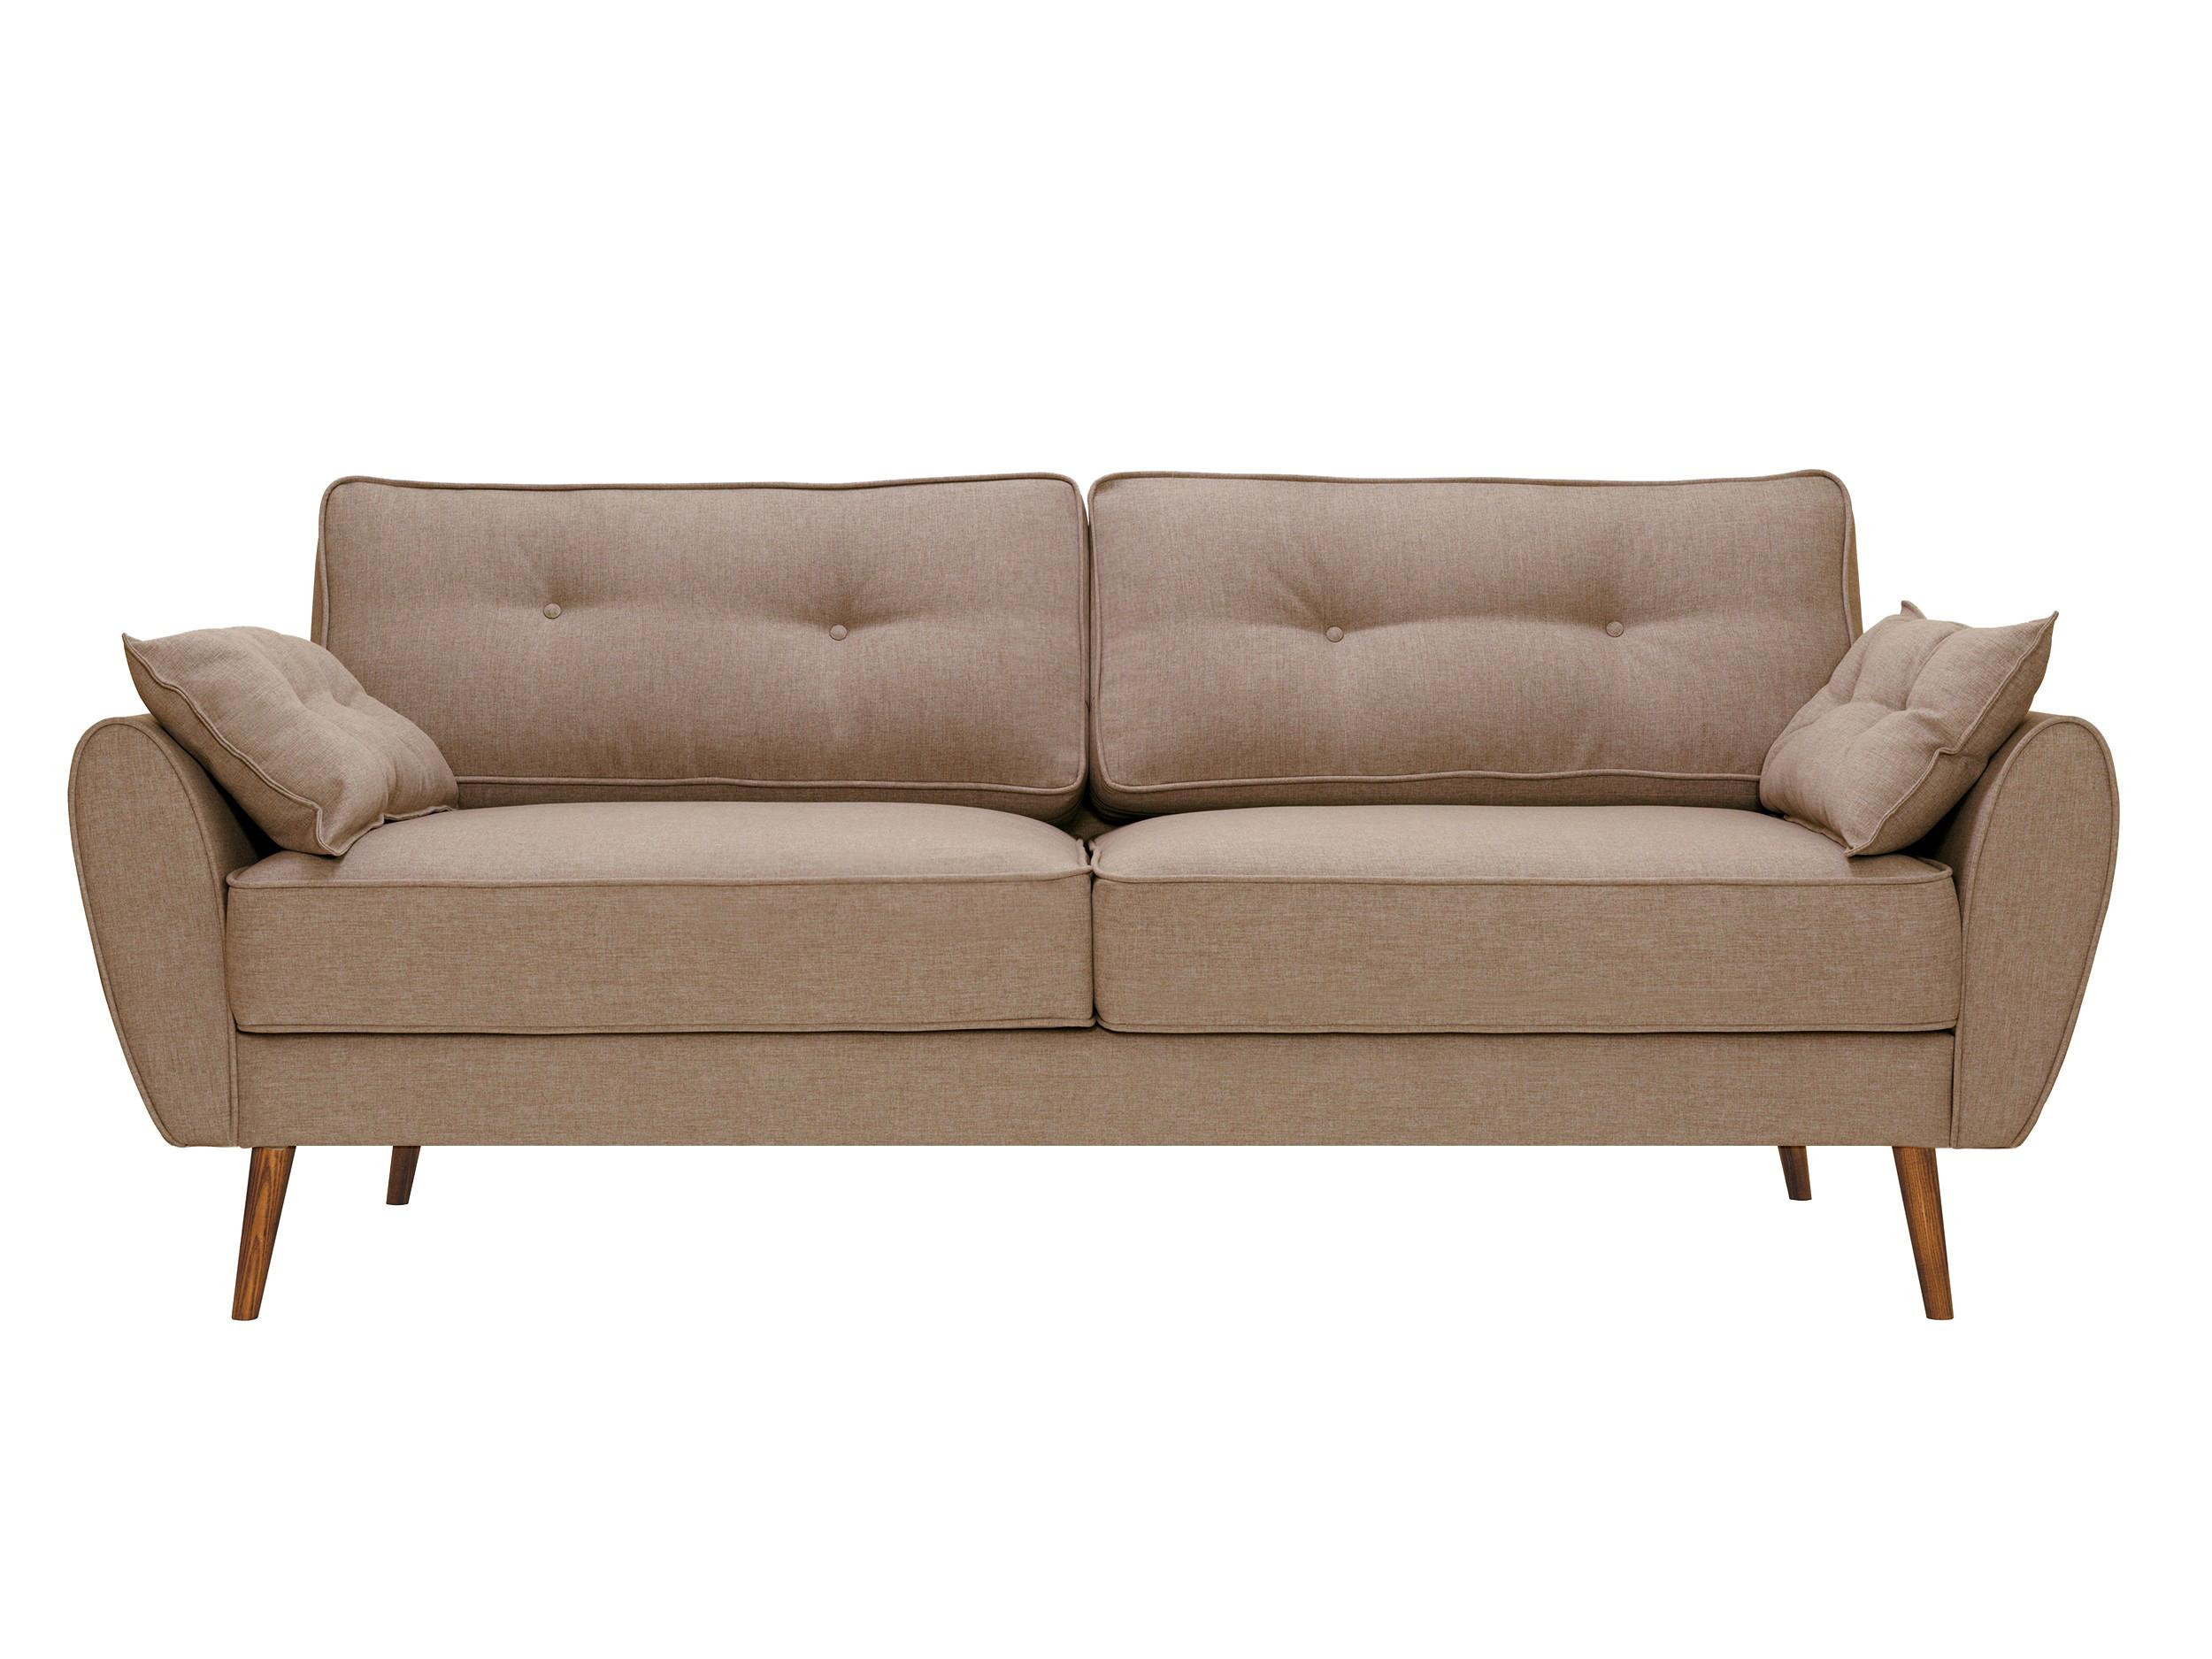 Диван VogueТрехместные диваны<br>&amp;lt;div&amp;gt;Современный диван с легким намеком на &amp;quot;ретро&amp;quot; идеально подойдет для городских квартир.&amp;amp;nbsp;&amp;lt;/div&amp;gt;&amp;lt;div&amp;gt;&amp;lt;br&amp;gt;&amp;lt;/div&amp;gt;&amp;lt;div&amp;gt;У него скругленные подлокотники, упругие подушки и как раз та длина, чтобы вы могли вытянуться в полный рост. &amp;amp;nbsp;Но благодаря высоким ножкам &amp;quot;Vogue&amp;quot; выглядит лаконично и элегантно.&amp;amp;nbsp;&amp;lt;/div&amp;gt;&amp;lt;div&amp;gt;&amp;lt;br&amp;gt;&amp;lt;/div&amp;gt;&amp;lt;div&amp;gt;Специально для этой серии наши стилисты подобрали 10 модных оттенков практичной рогожки.&amp;amp;nbsp;&amp;lt;/div&amp;gt;&amp;lt;div&amp;gt;&amp;lt;br&amp;gt;&amp;lt;/div&amp;gt;Корпус: фанера, брус. Ножки: дерево.&amp;lt;div&amp;gt;Ткань: рогожка, устойчивая к повреждениям&amp;lt;br&amp;gt;&amp;lt;div&amp;gt;Цвет: domiart_leroy_302&amp;lt;/div&amp;gt;&amp;lt;/div&amp;gt;<br><br>Material: Текстиль<br>Length см: None<br>Width см: 226<br>Depth см: 91<br>Height см: 88